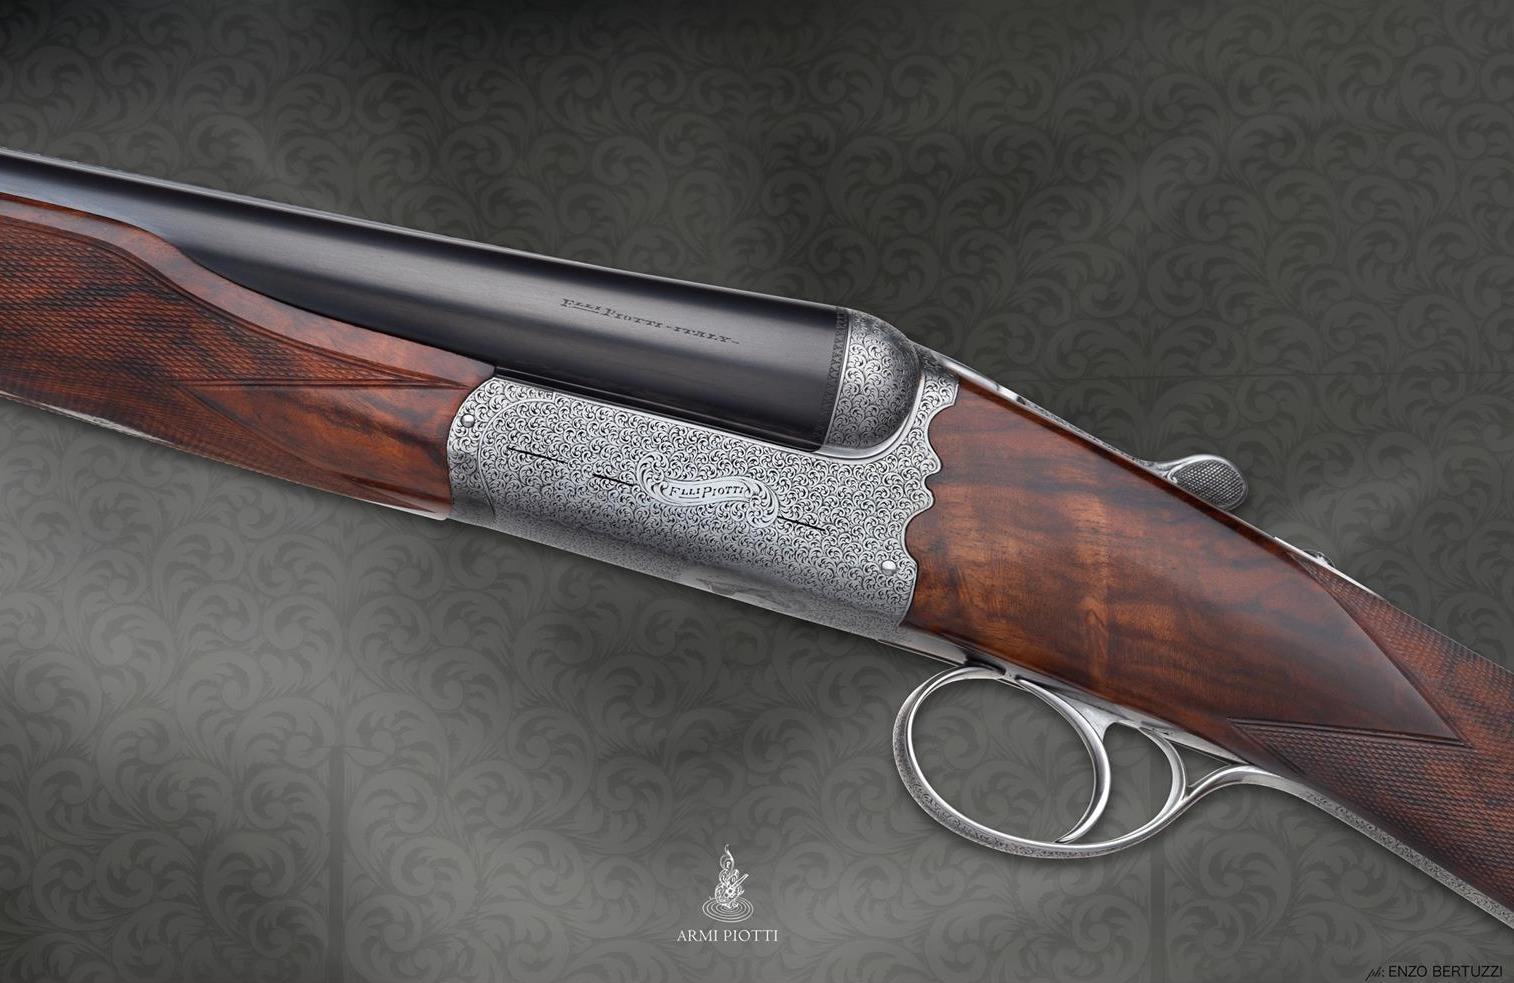 Piotti BSEE shotgun